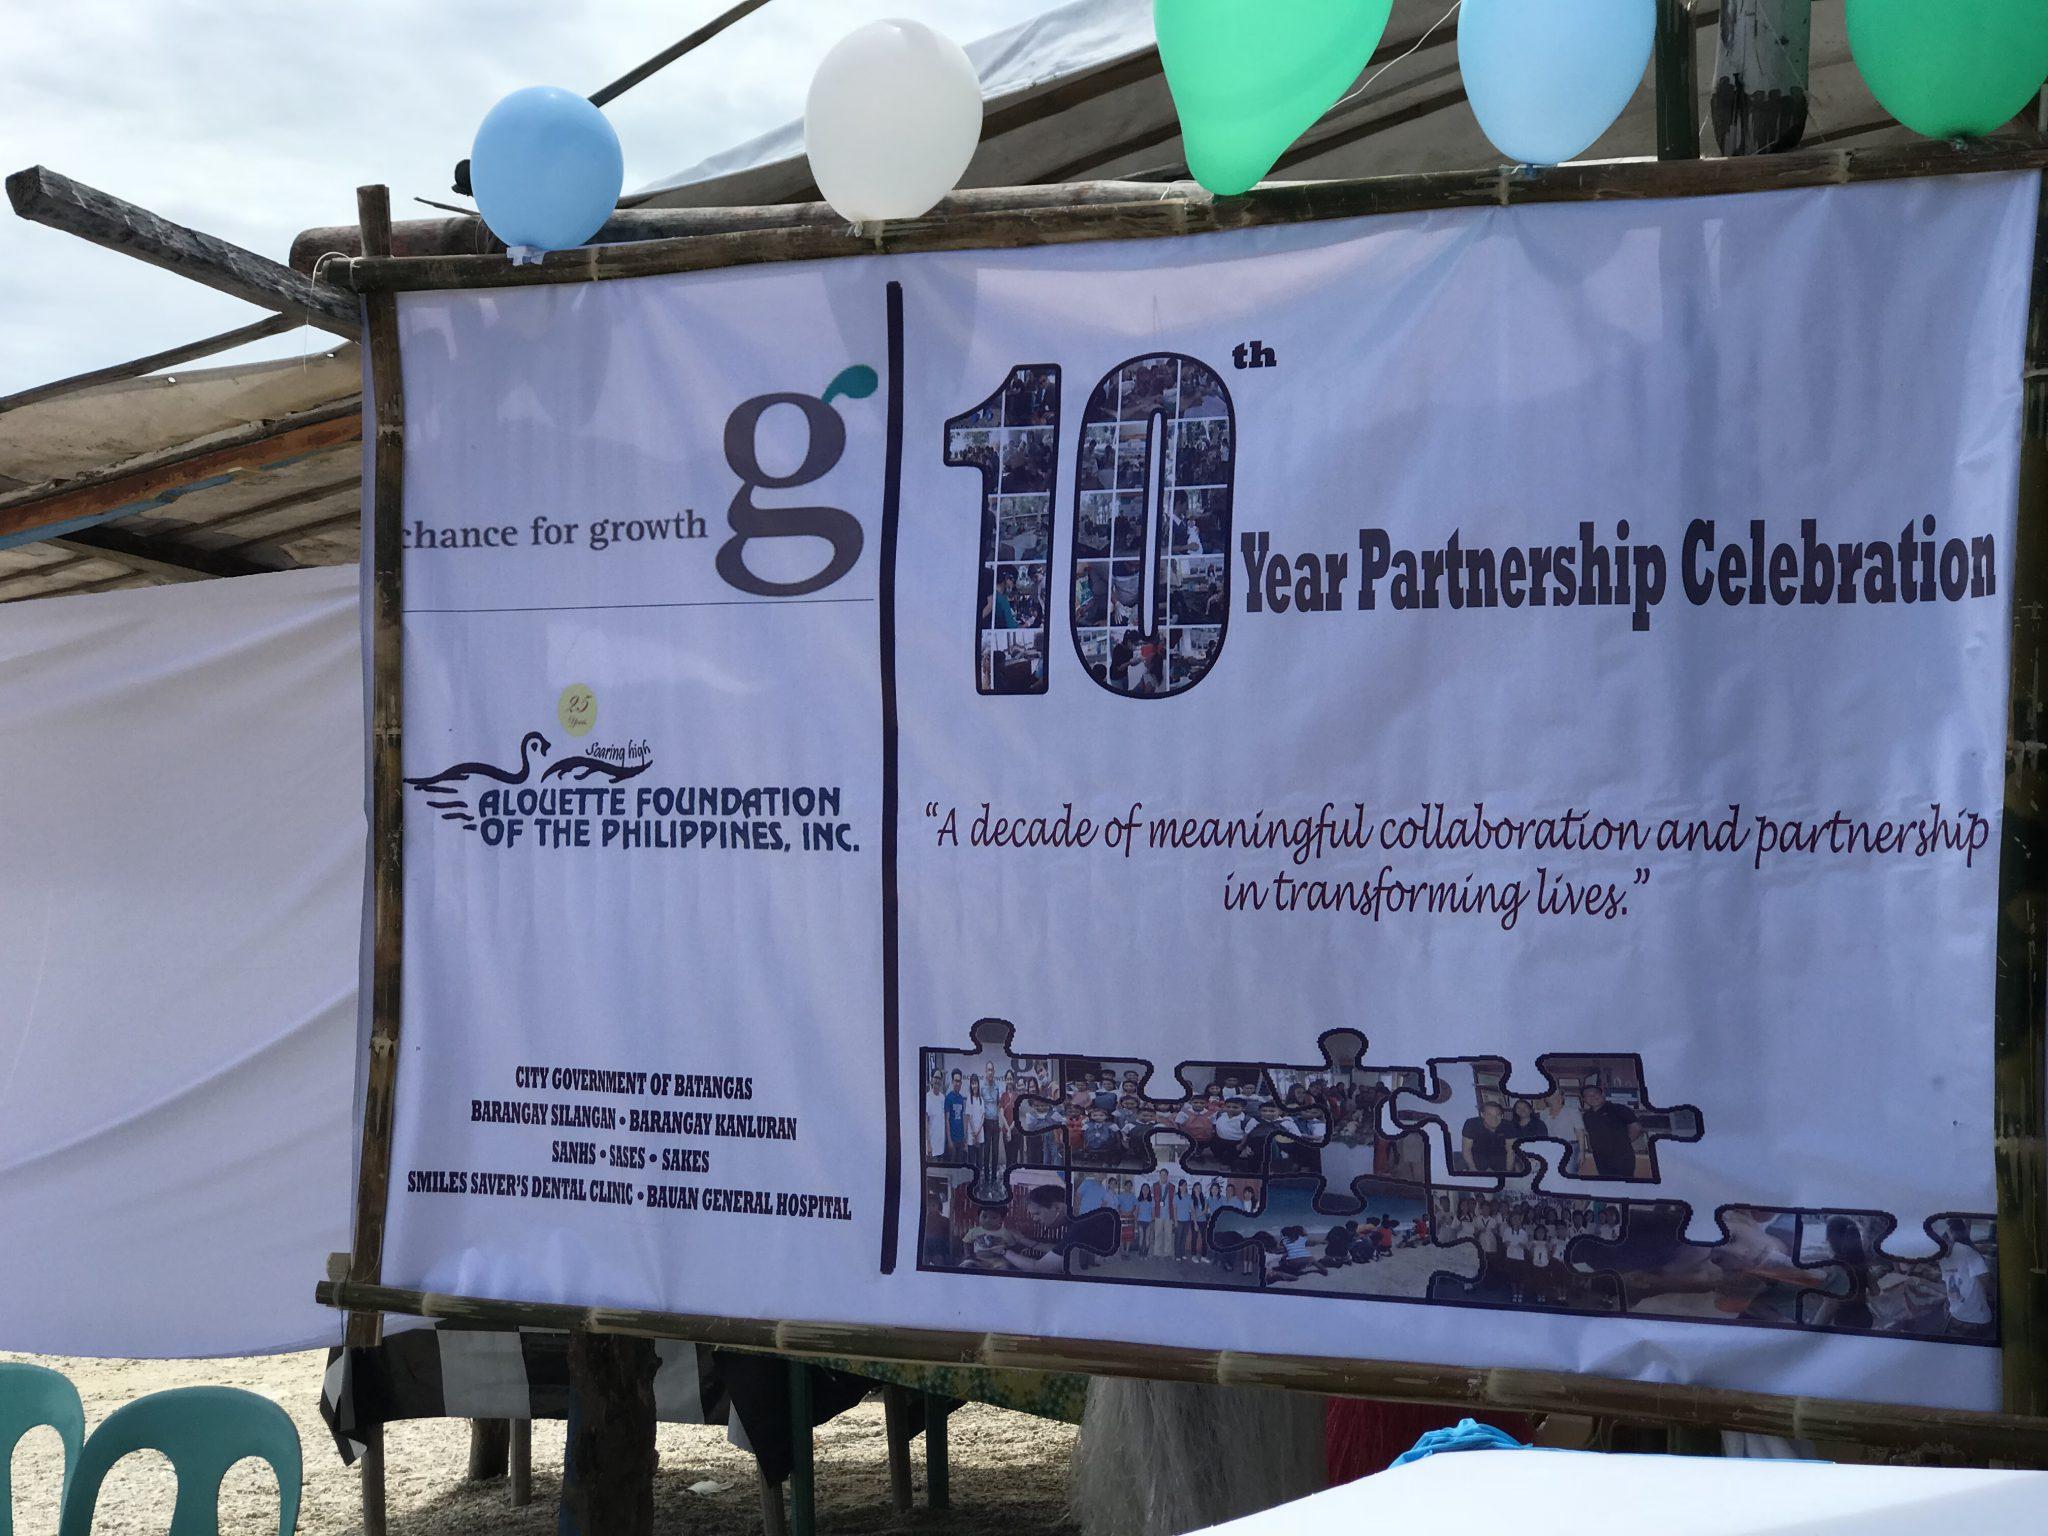 Feier der 10-jährigen Zusammenarbeit